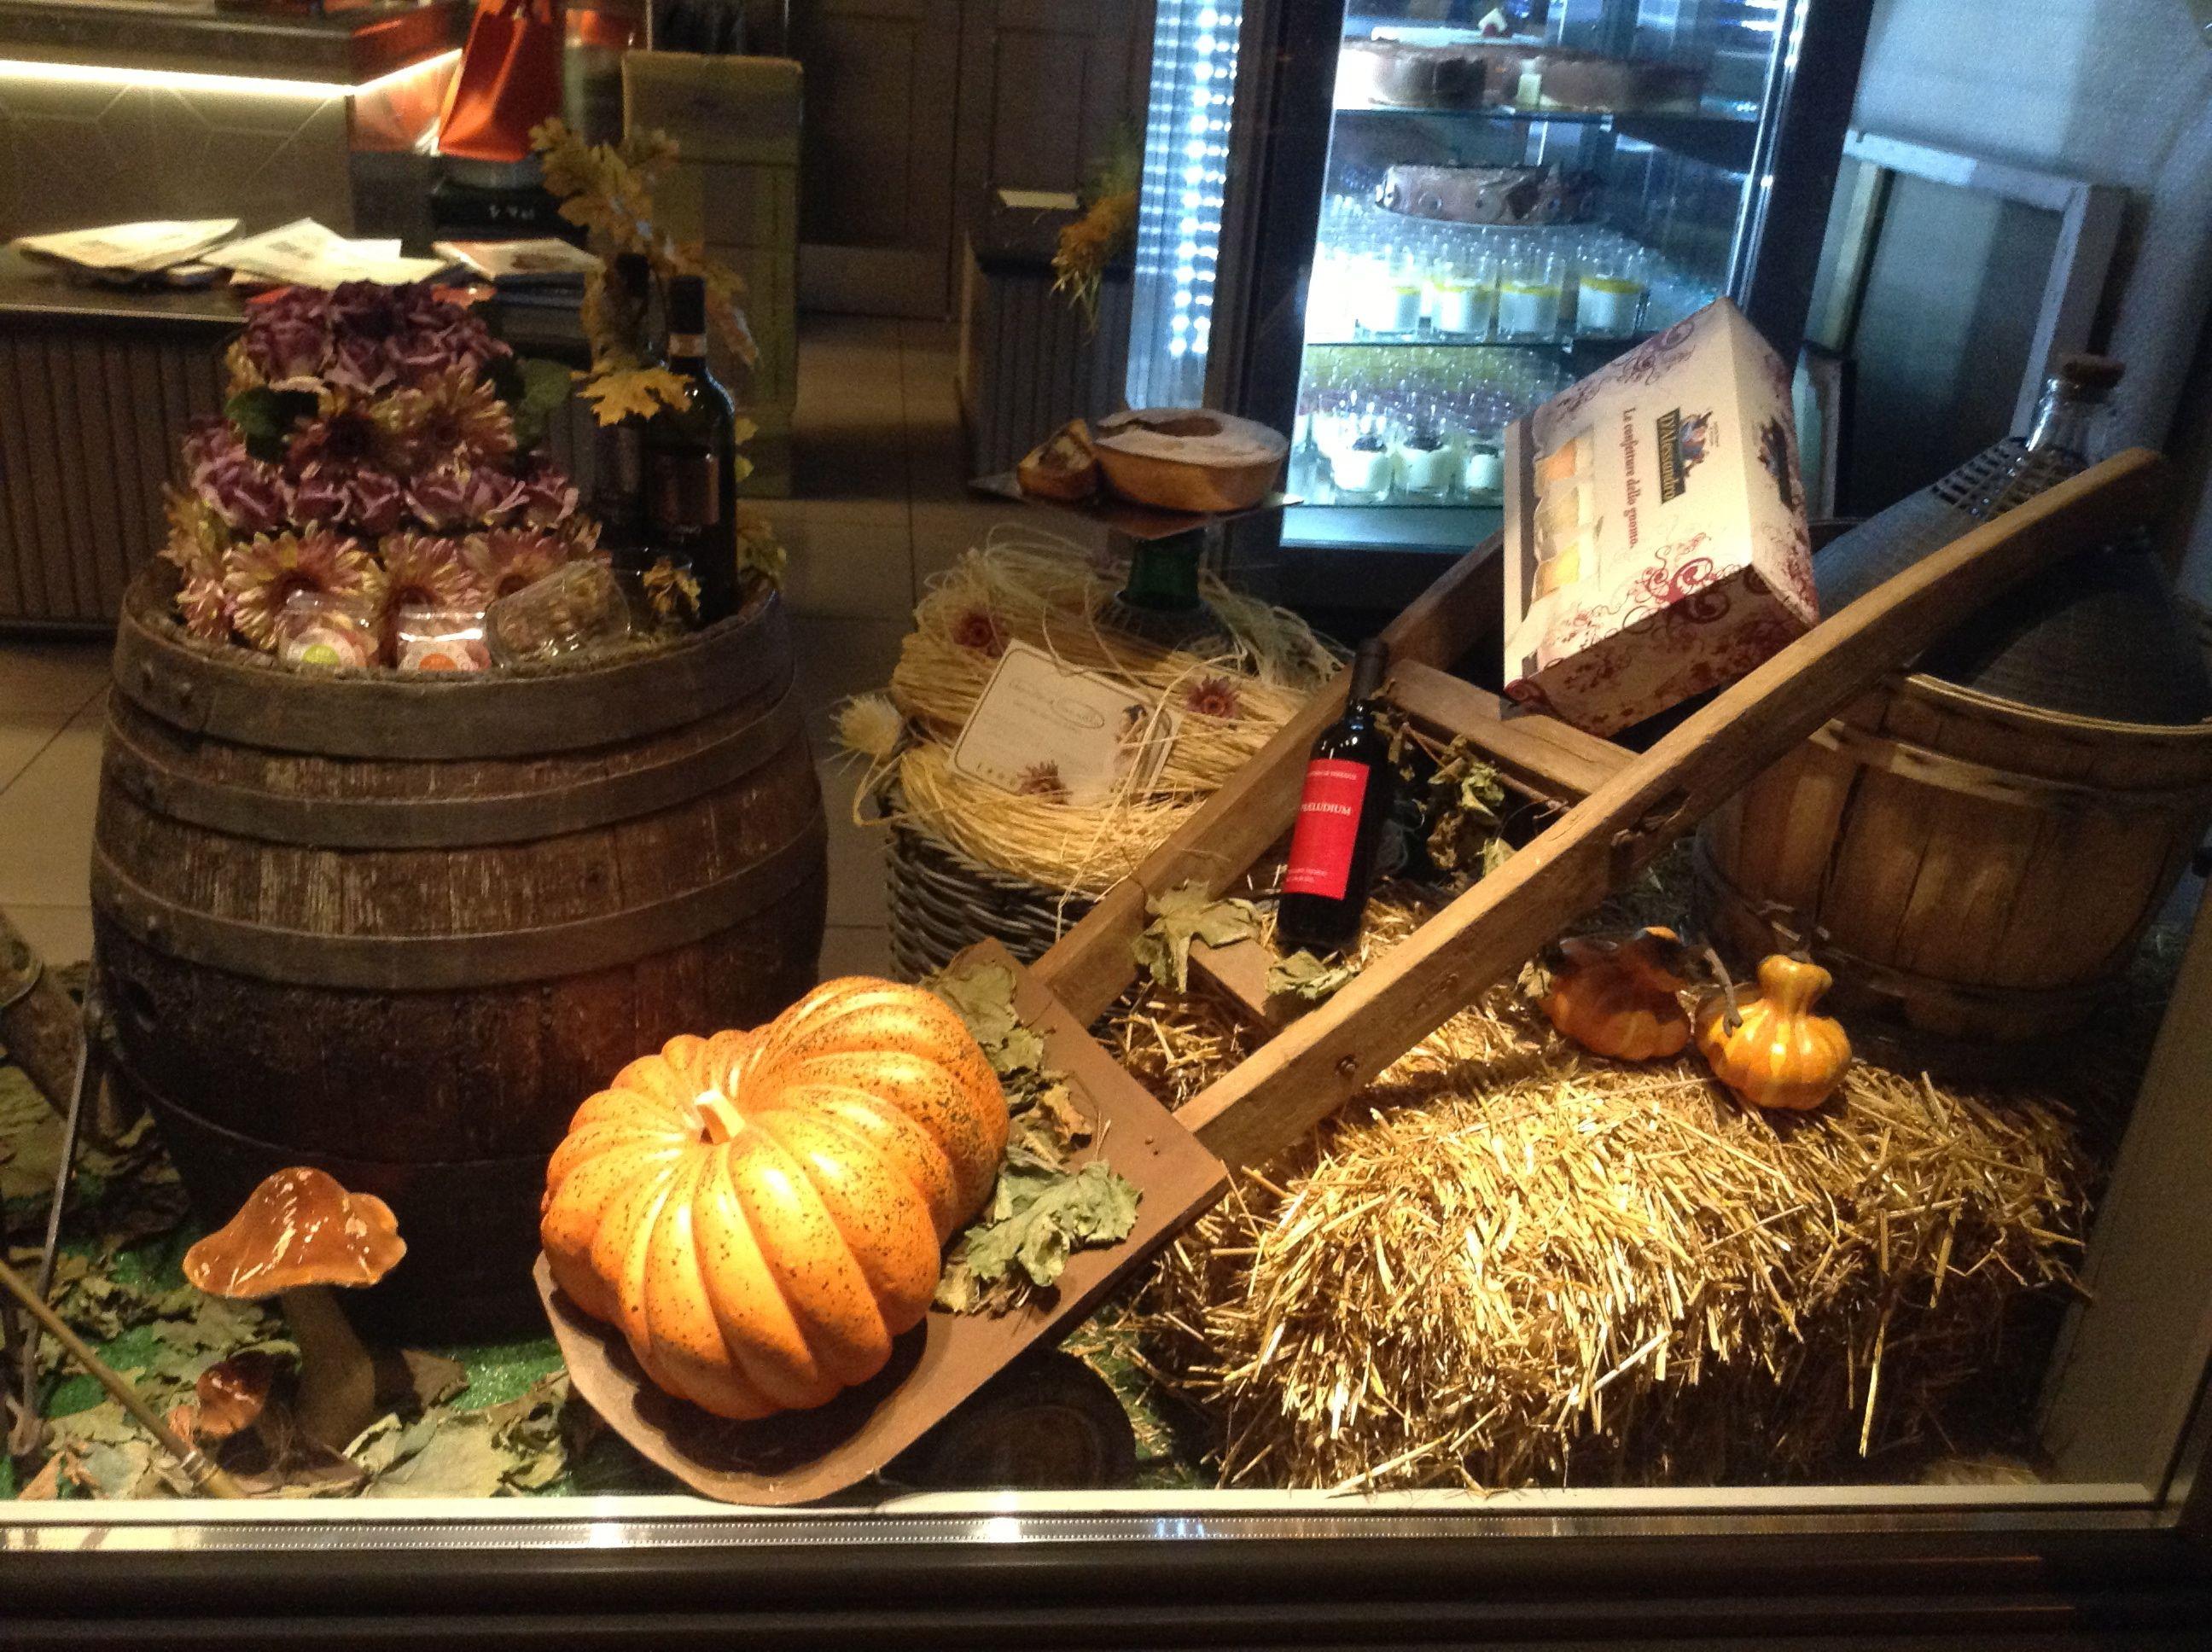 00b99eb8855f vetrine autunno creative - Cerca con Google | Vetrina Autunno nel ...